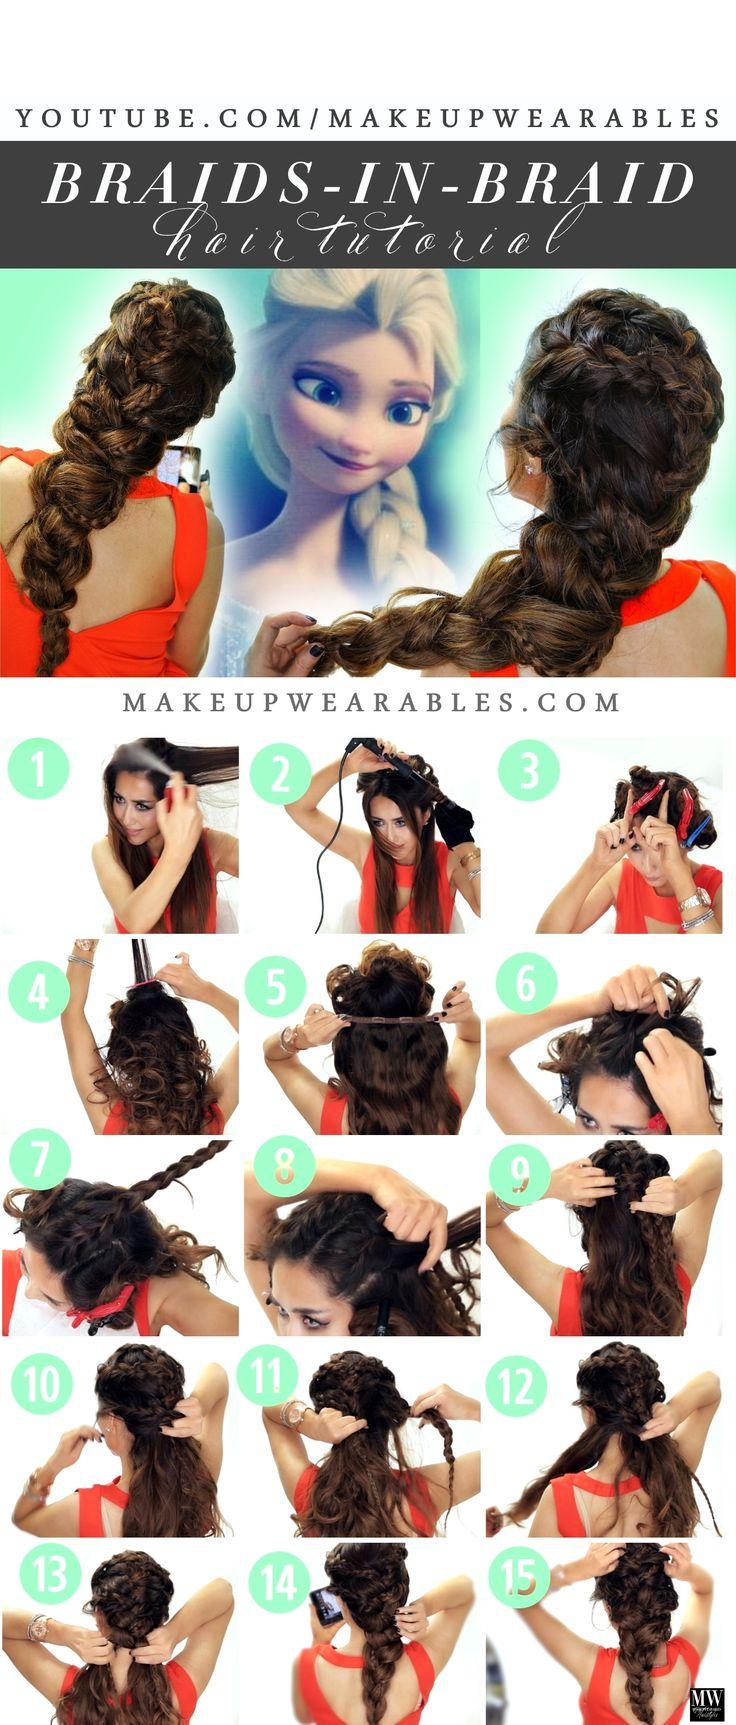 Braids-in-Braid #Hair Tutorial | #Updo Hairstyles